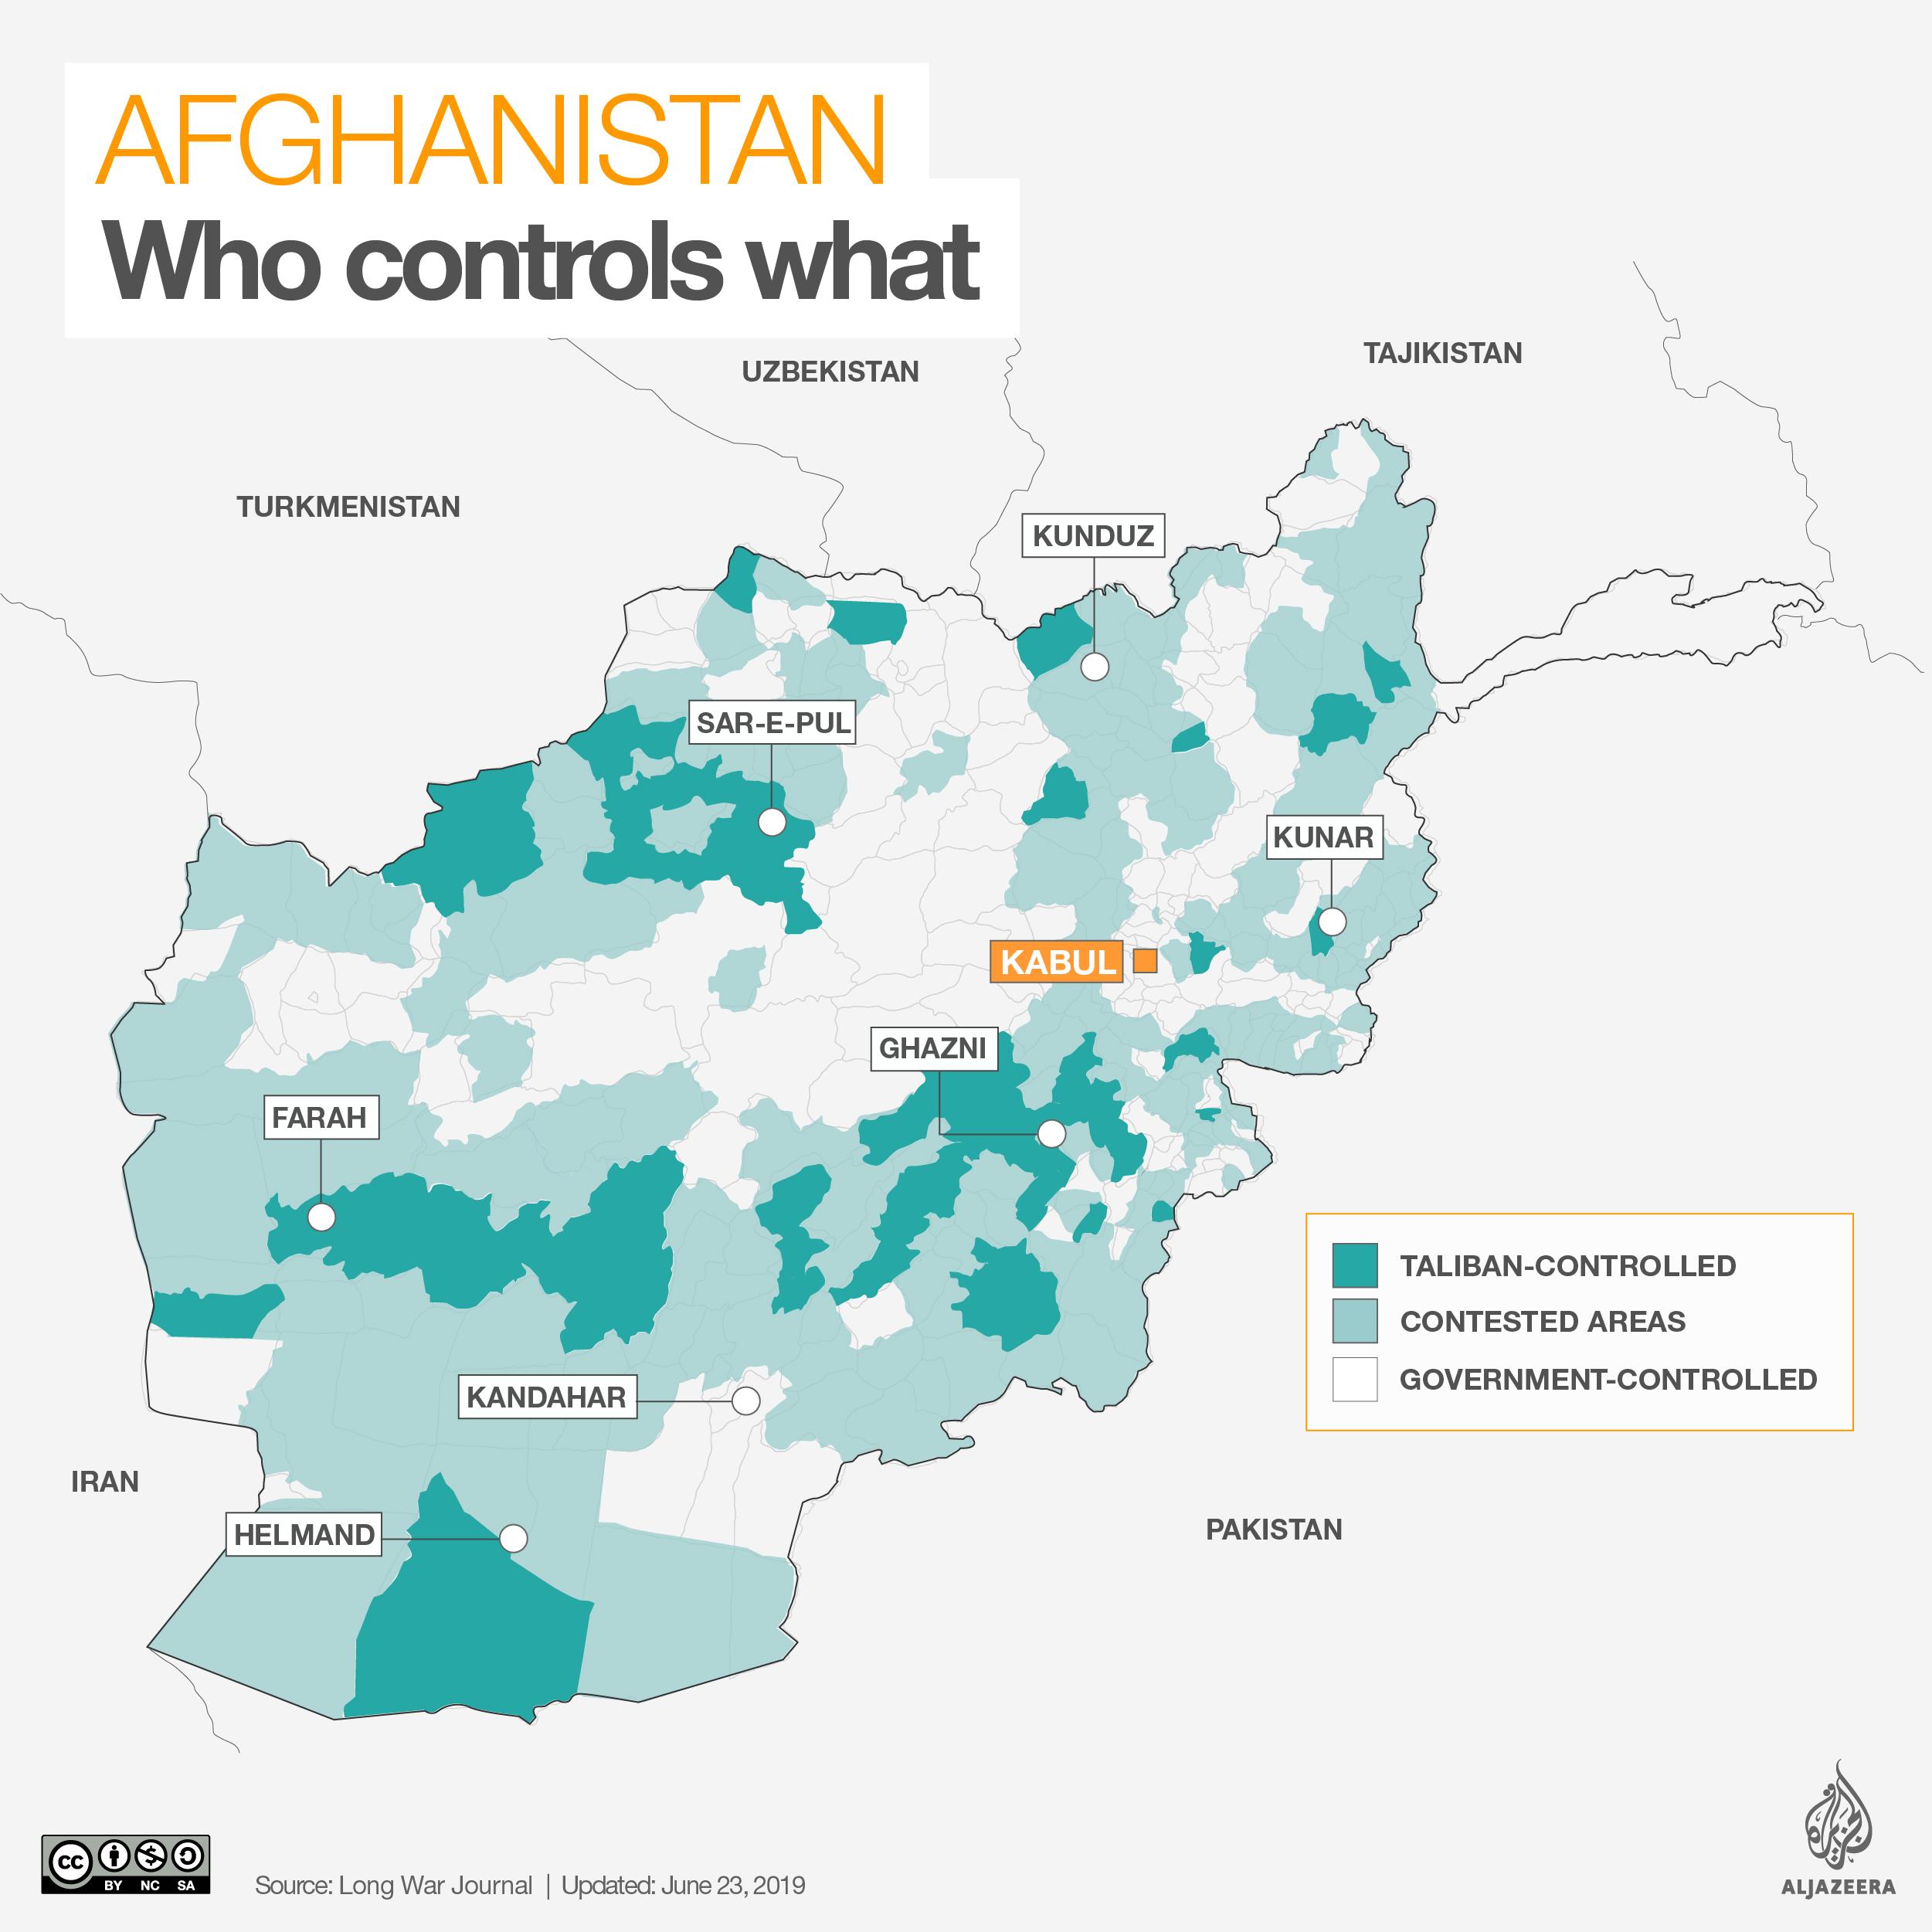 Talibani prijete nasiljem ako hrvatske trupe ne napuste Afganistan 19970a5e8f7847e6a9d6093772d3d9a4_6